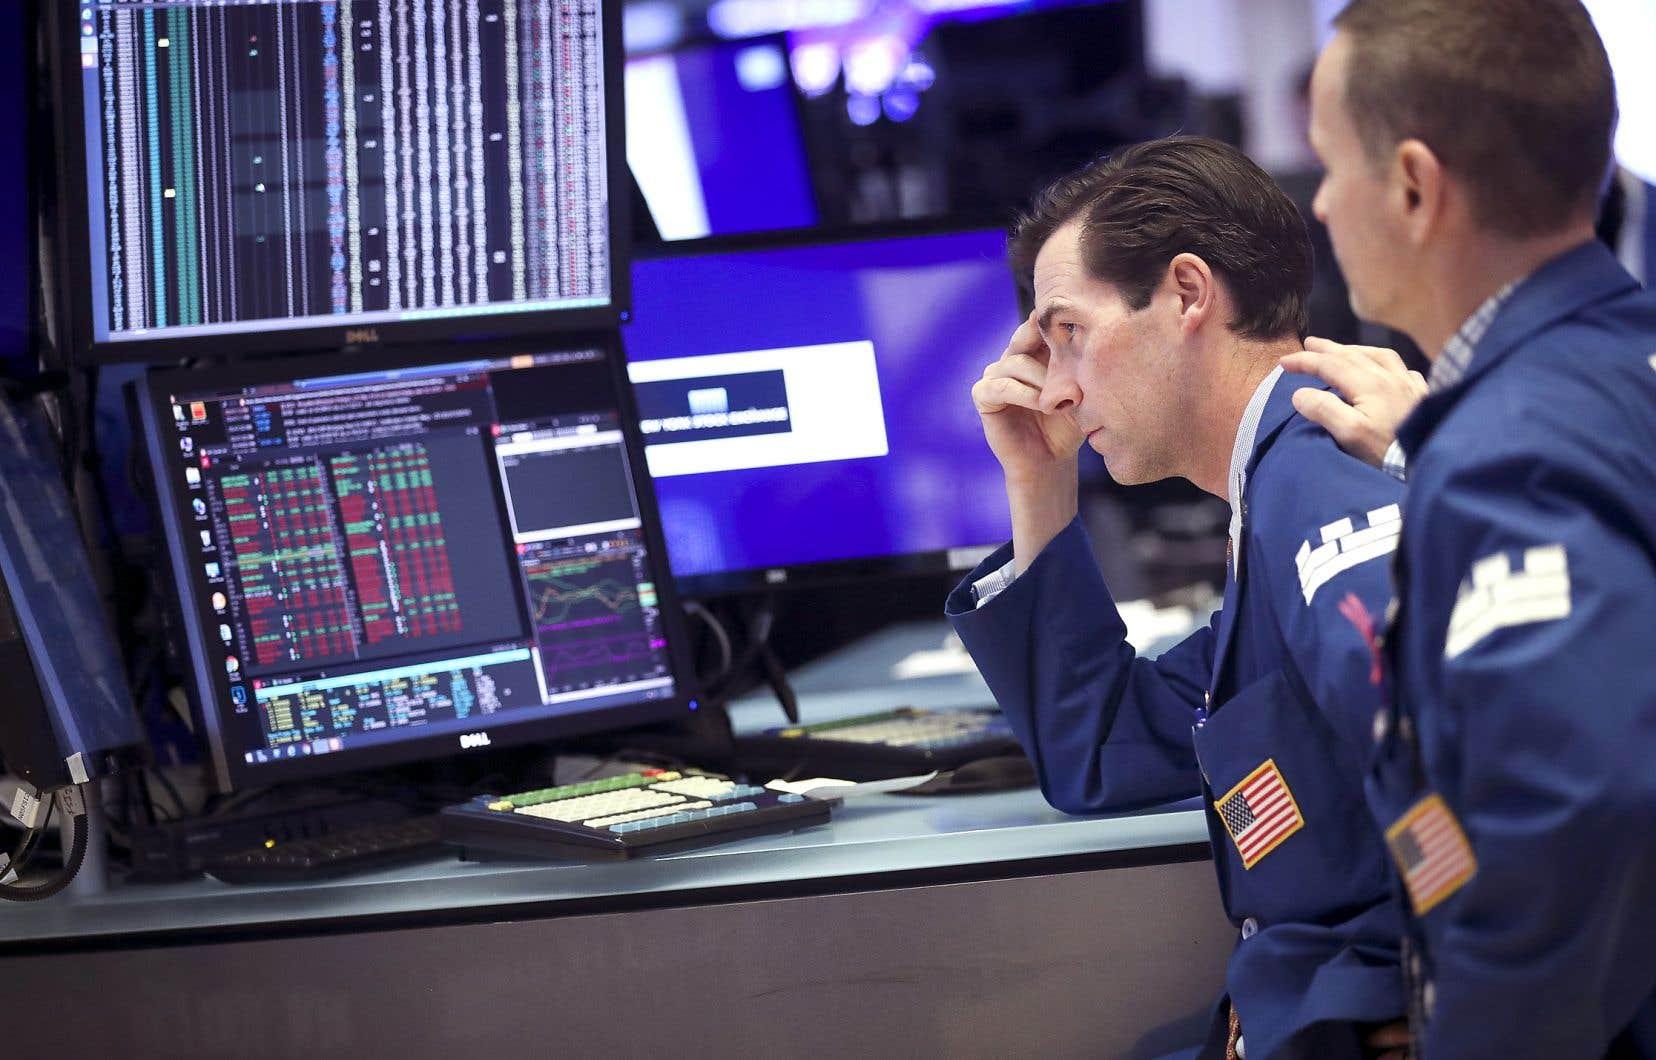 L'annonce de nouveaux droits de douane sur les importations chinoises, jeudi, a d'abord touché de plein fouet Wall Street.